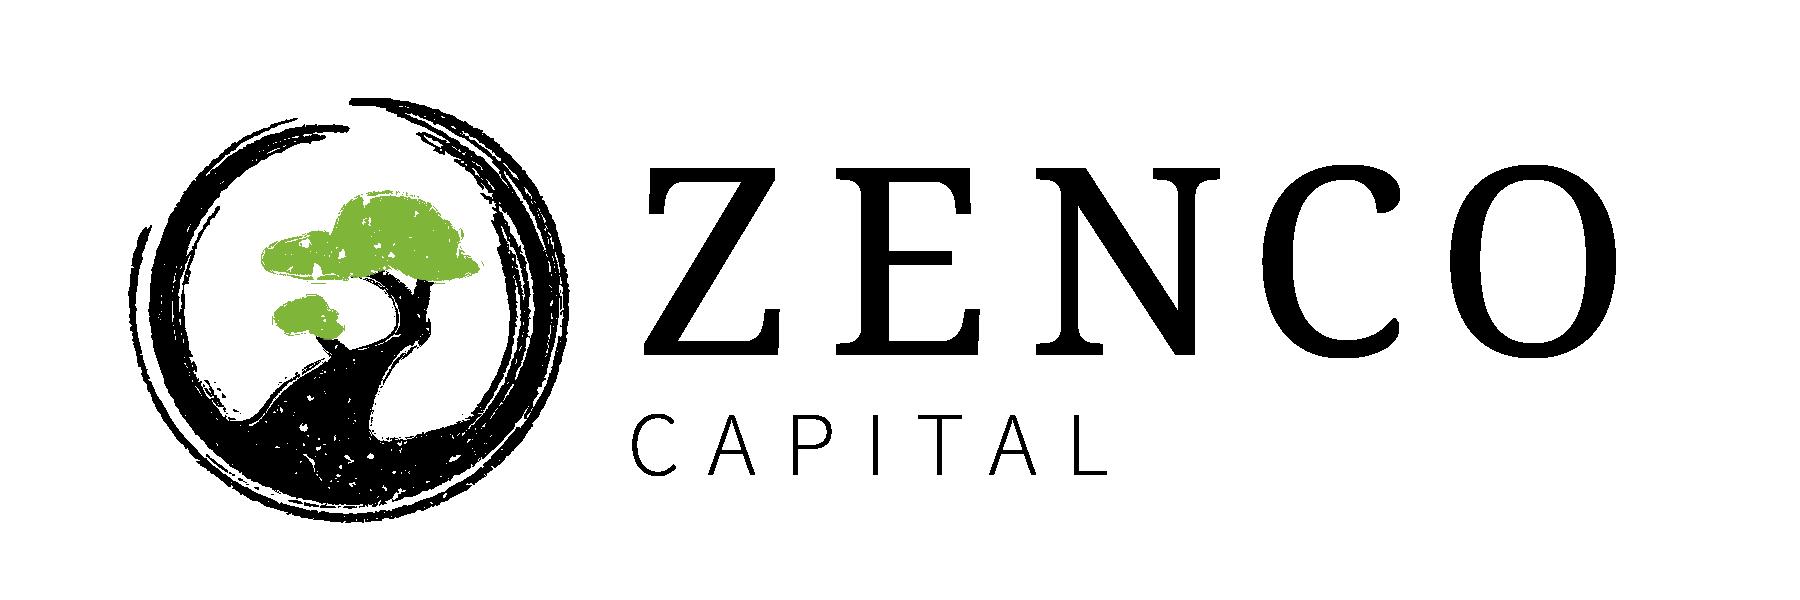 Zenco